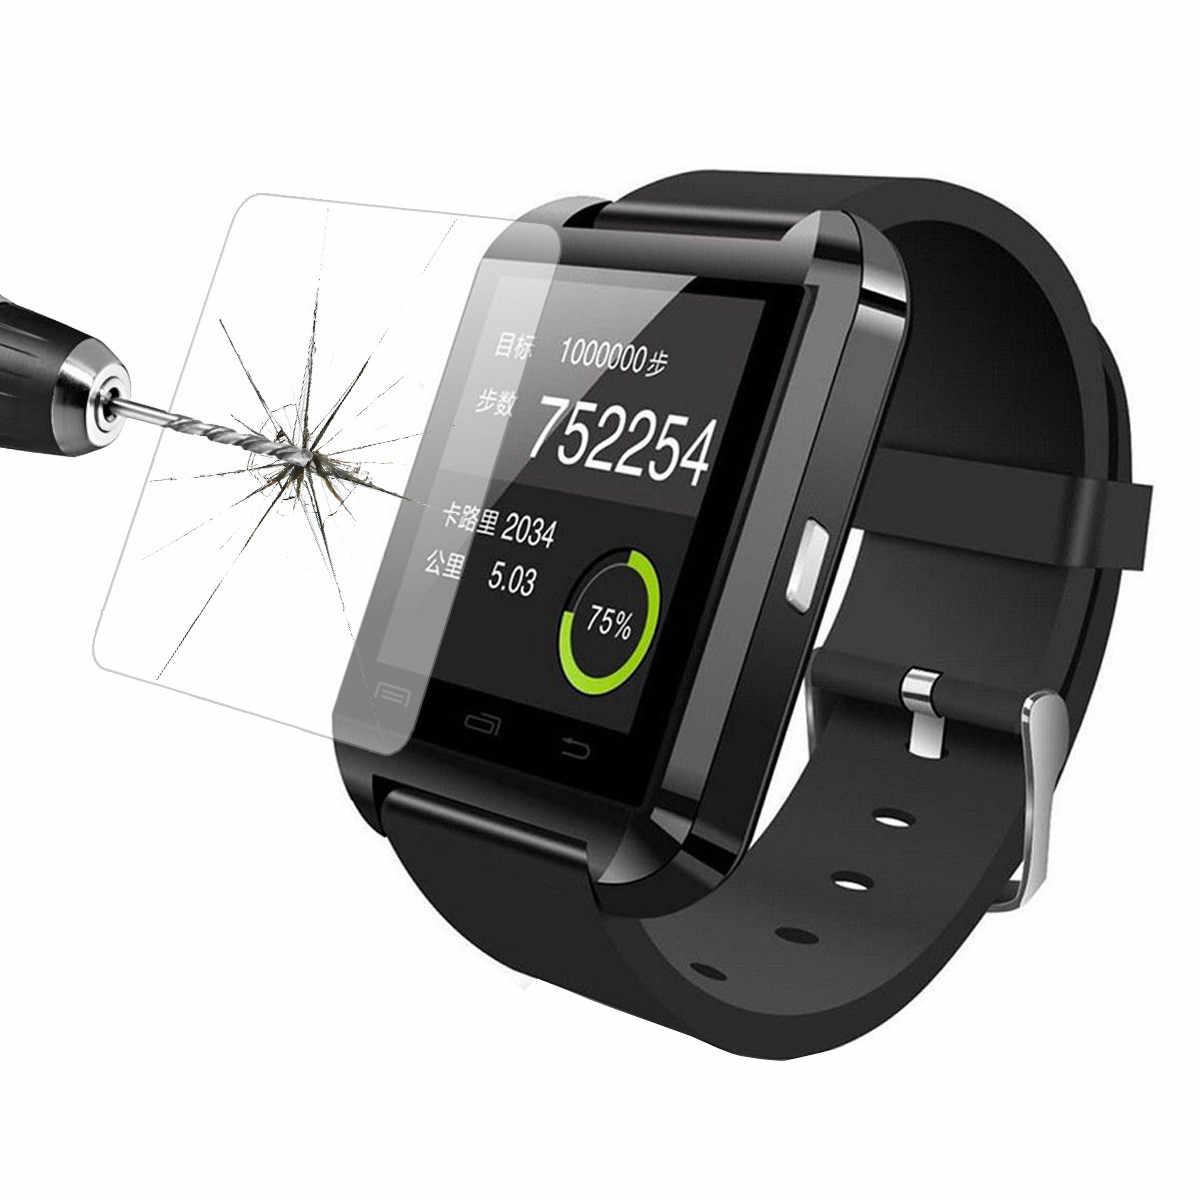 2019 ใหม่ล้างหน้าจอ LCD ป้องกันฟิล์มสำหรับ U8 บลูทูธสมาร์ทนาฬิกาโทรศัพท์ 10 #